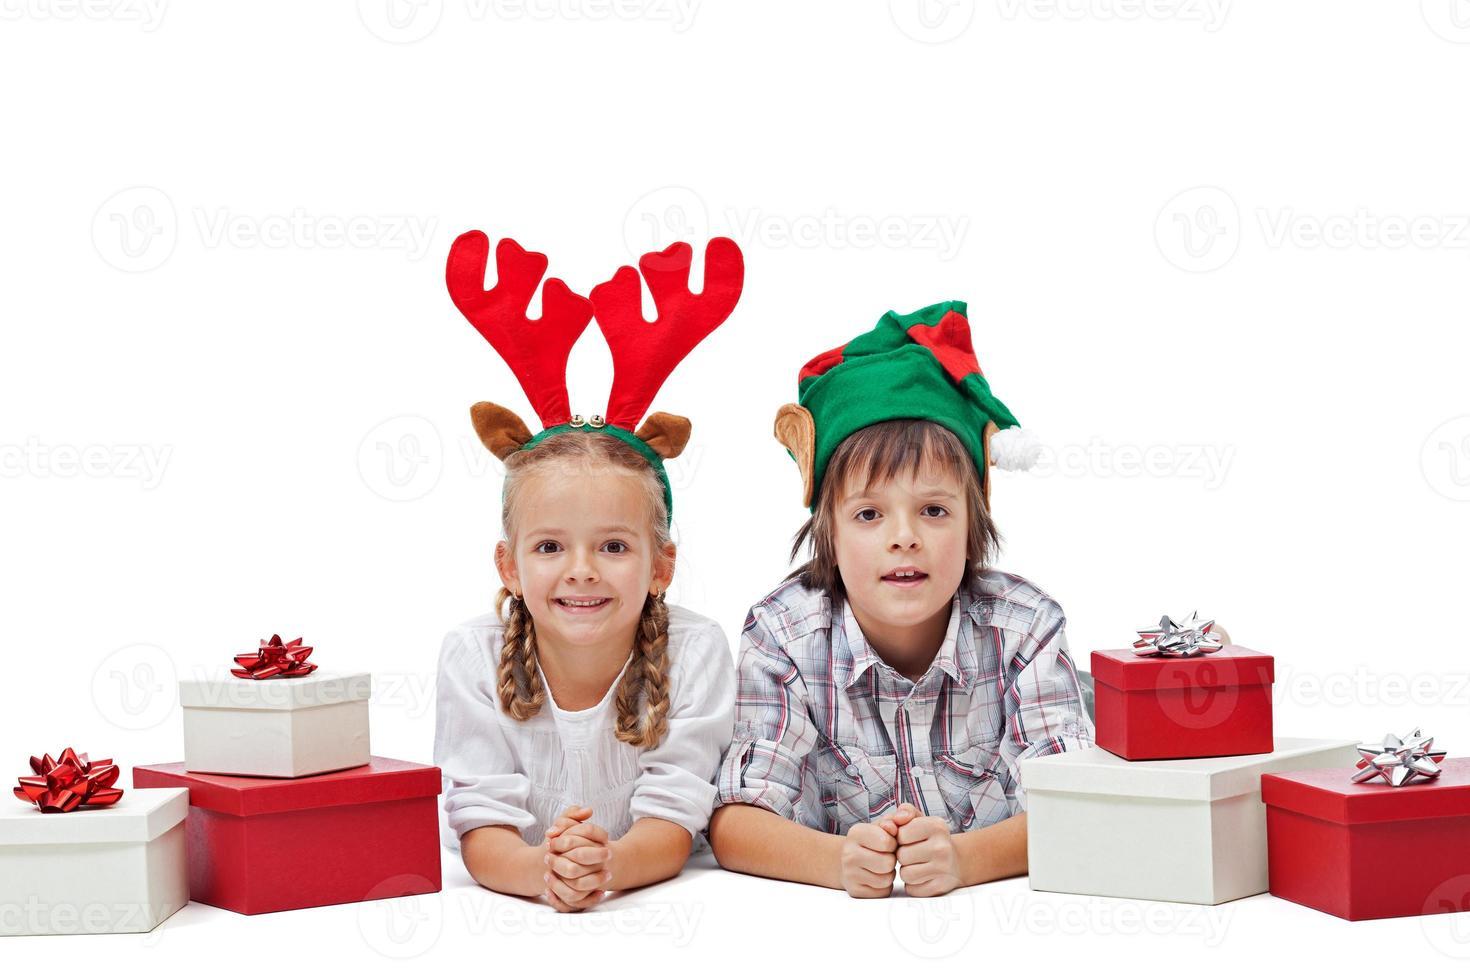 Niños felices con sombreros de elfos y renos entre regalos foto